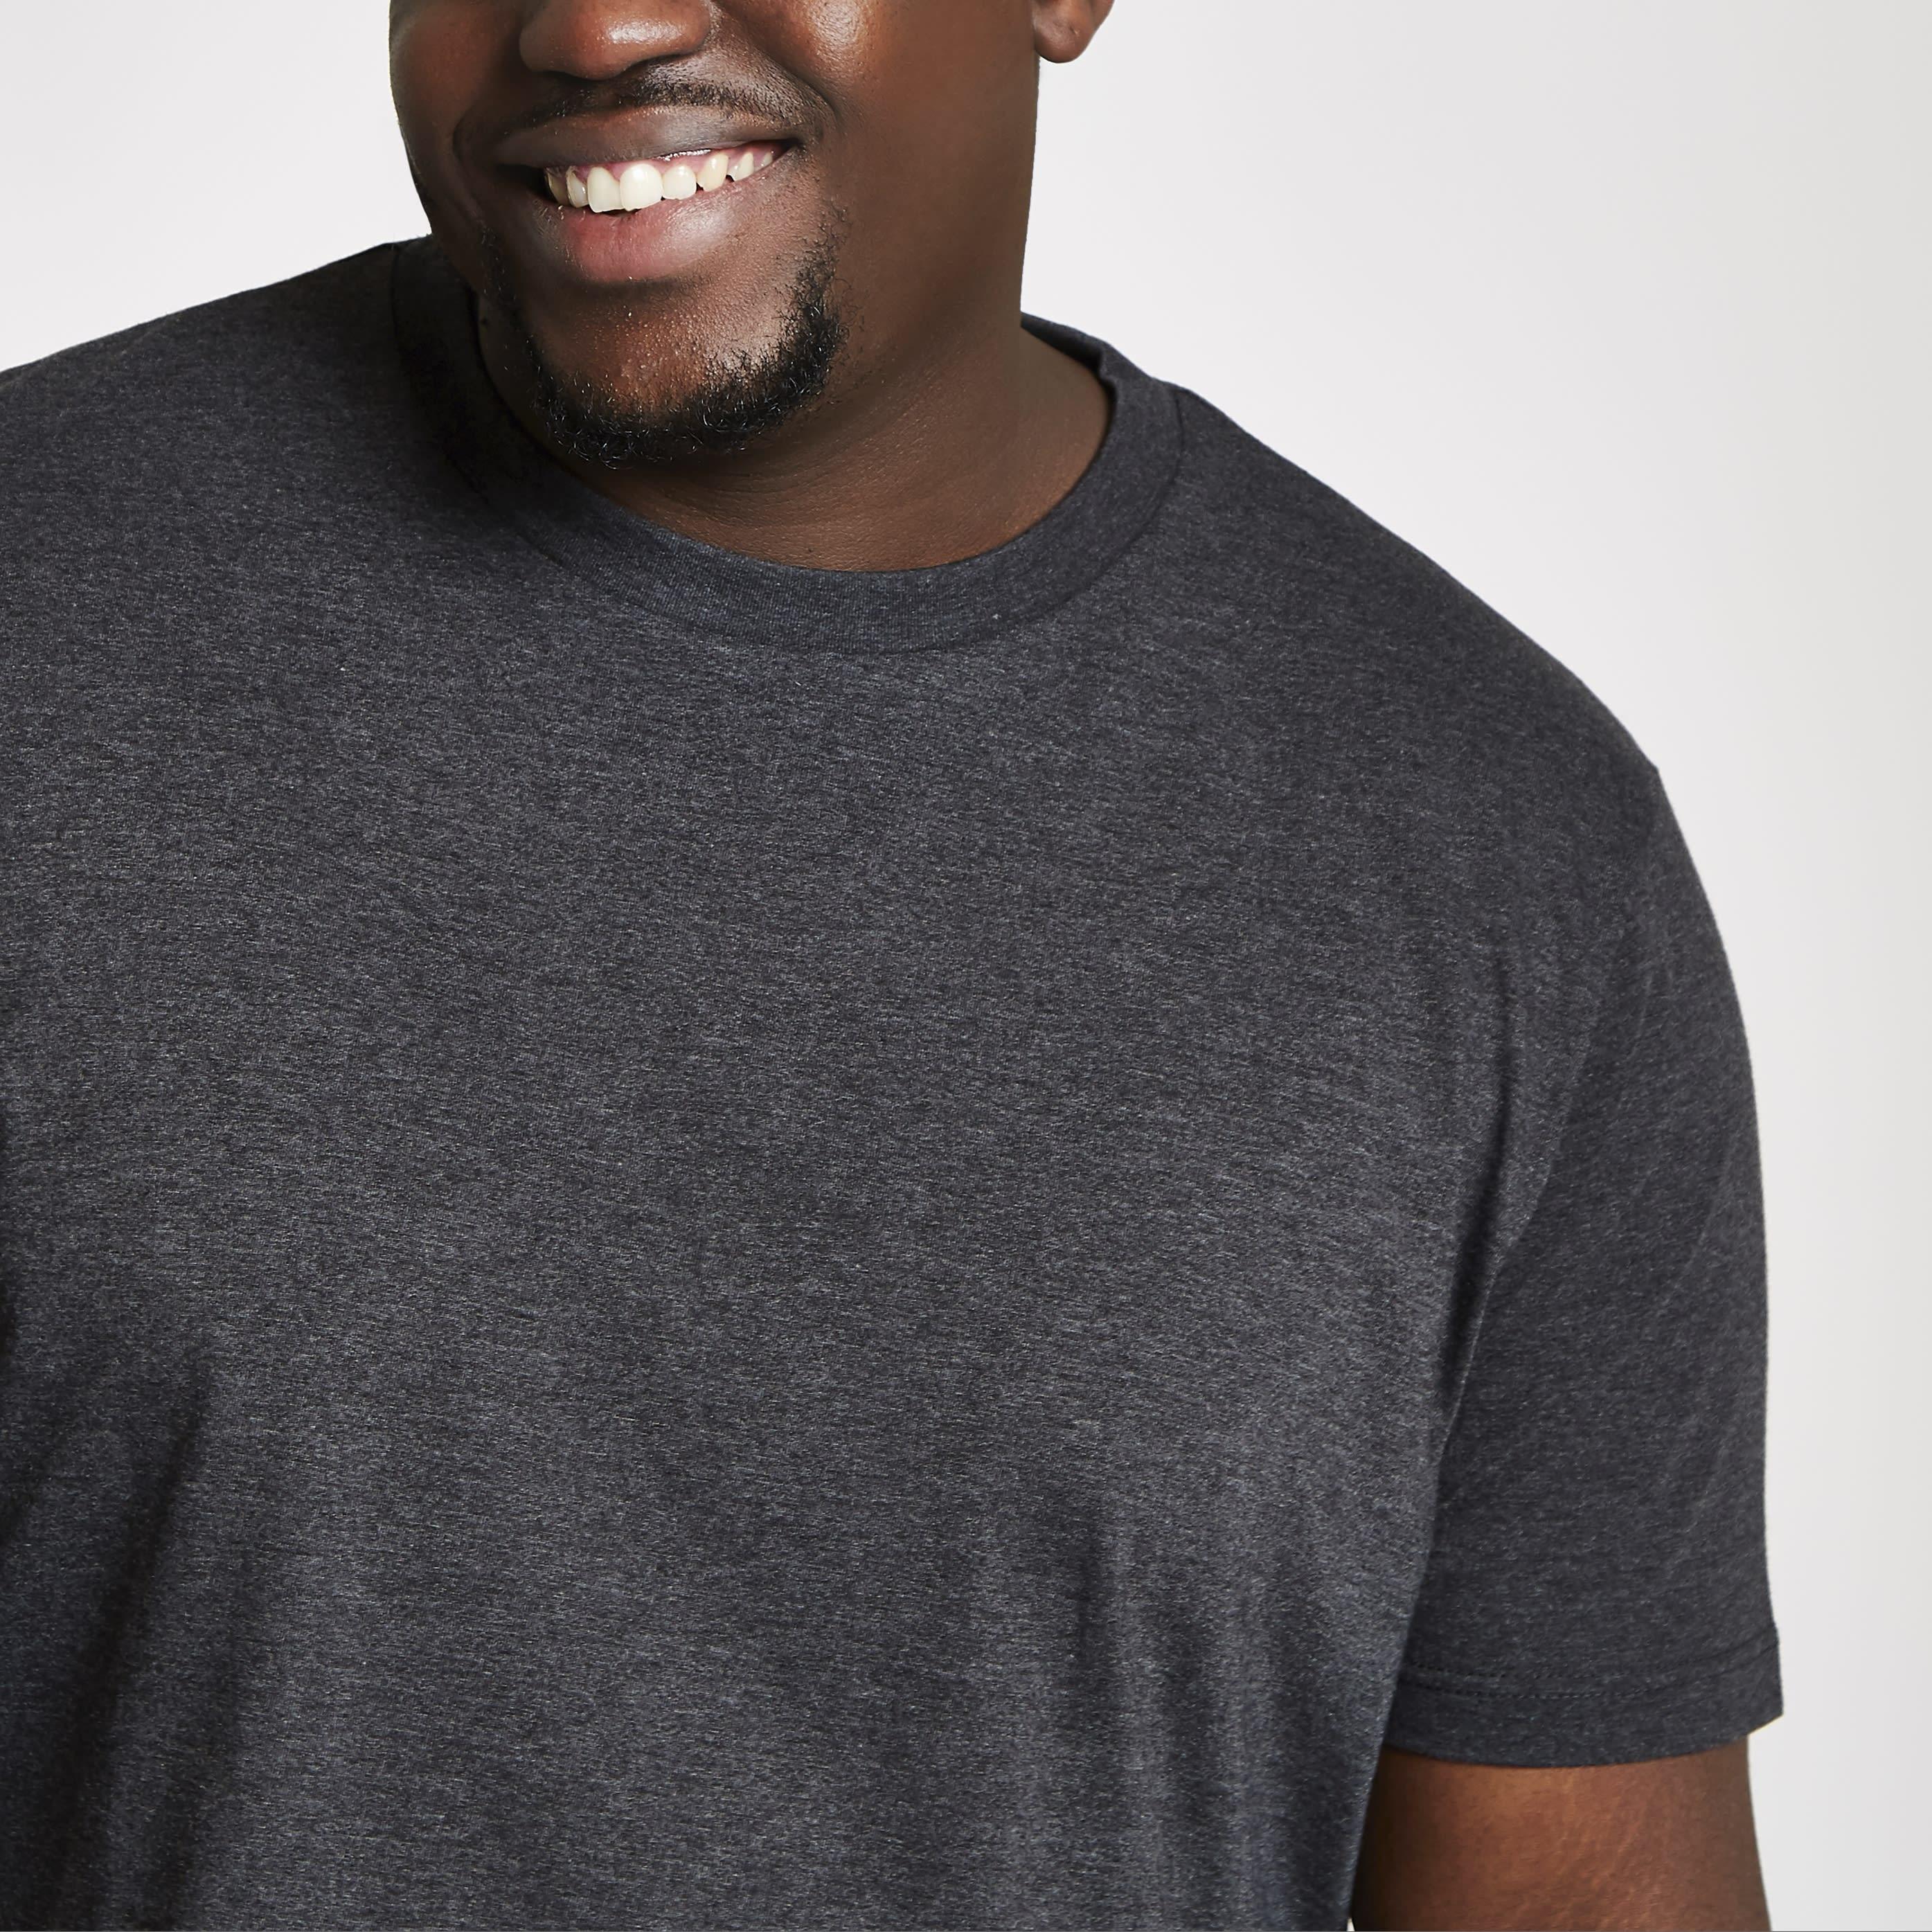 River Island Mens Big and Tall dark Grey slim fit T-shirt (XXXL)